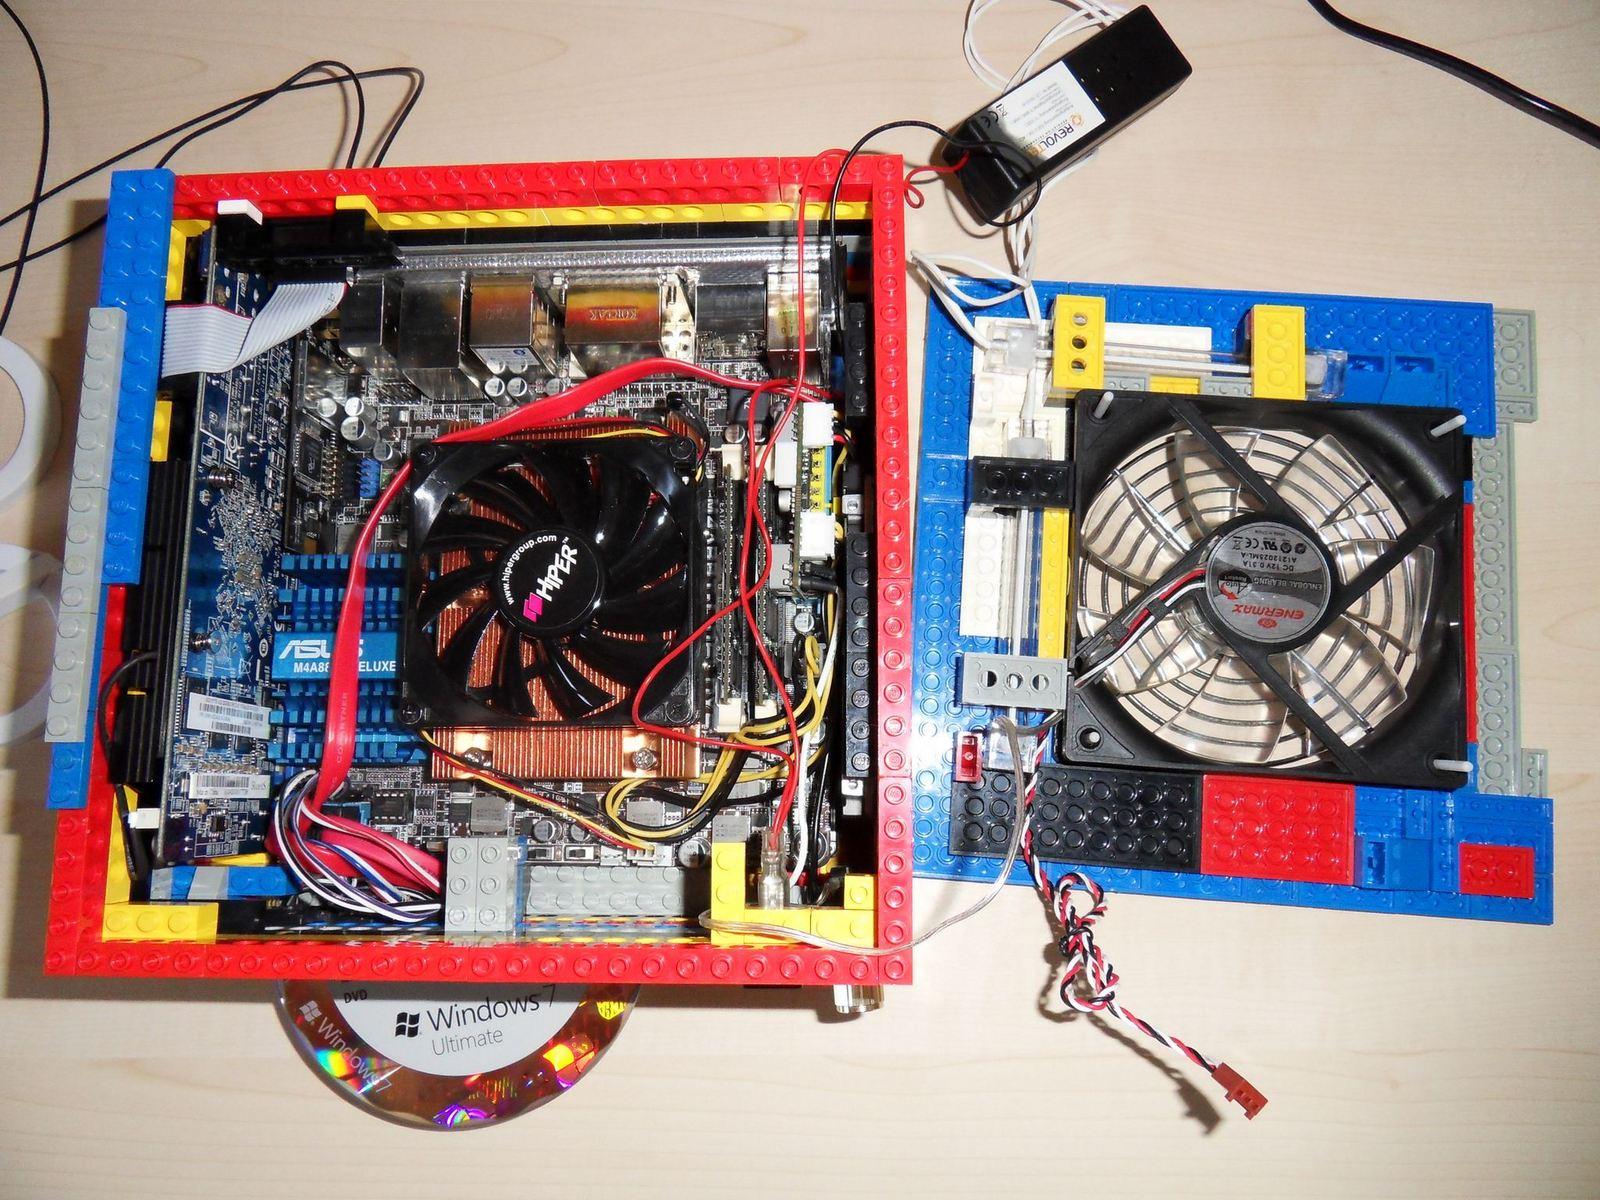 case mod une tour d 39 ordinateur r alis en lego semageek. Black Bedroom Furniture Sets. Home Design Ideas